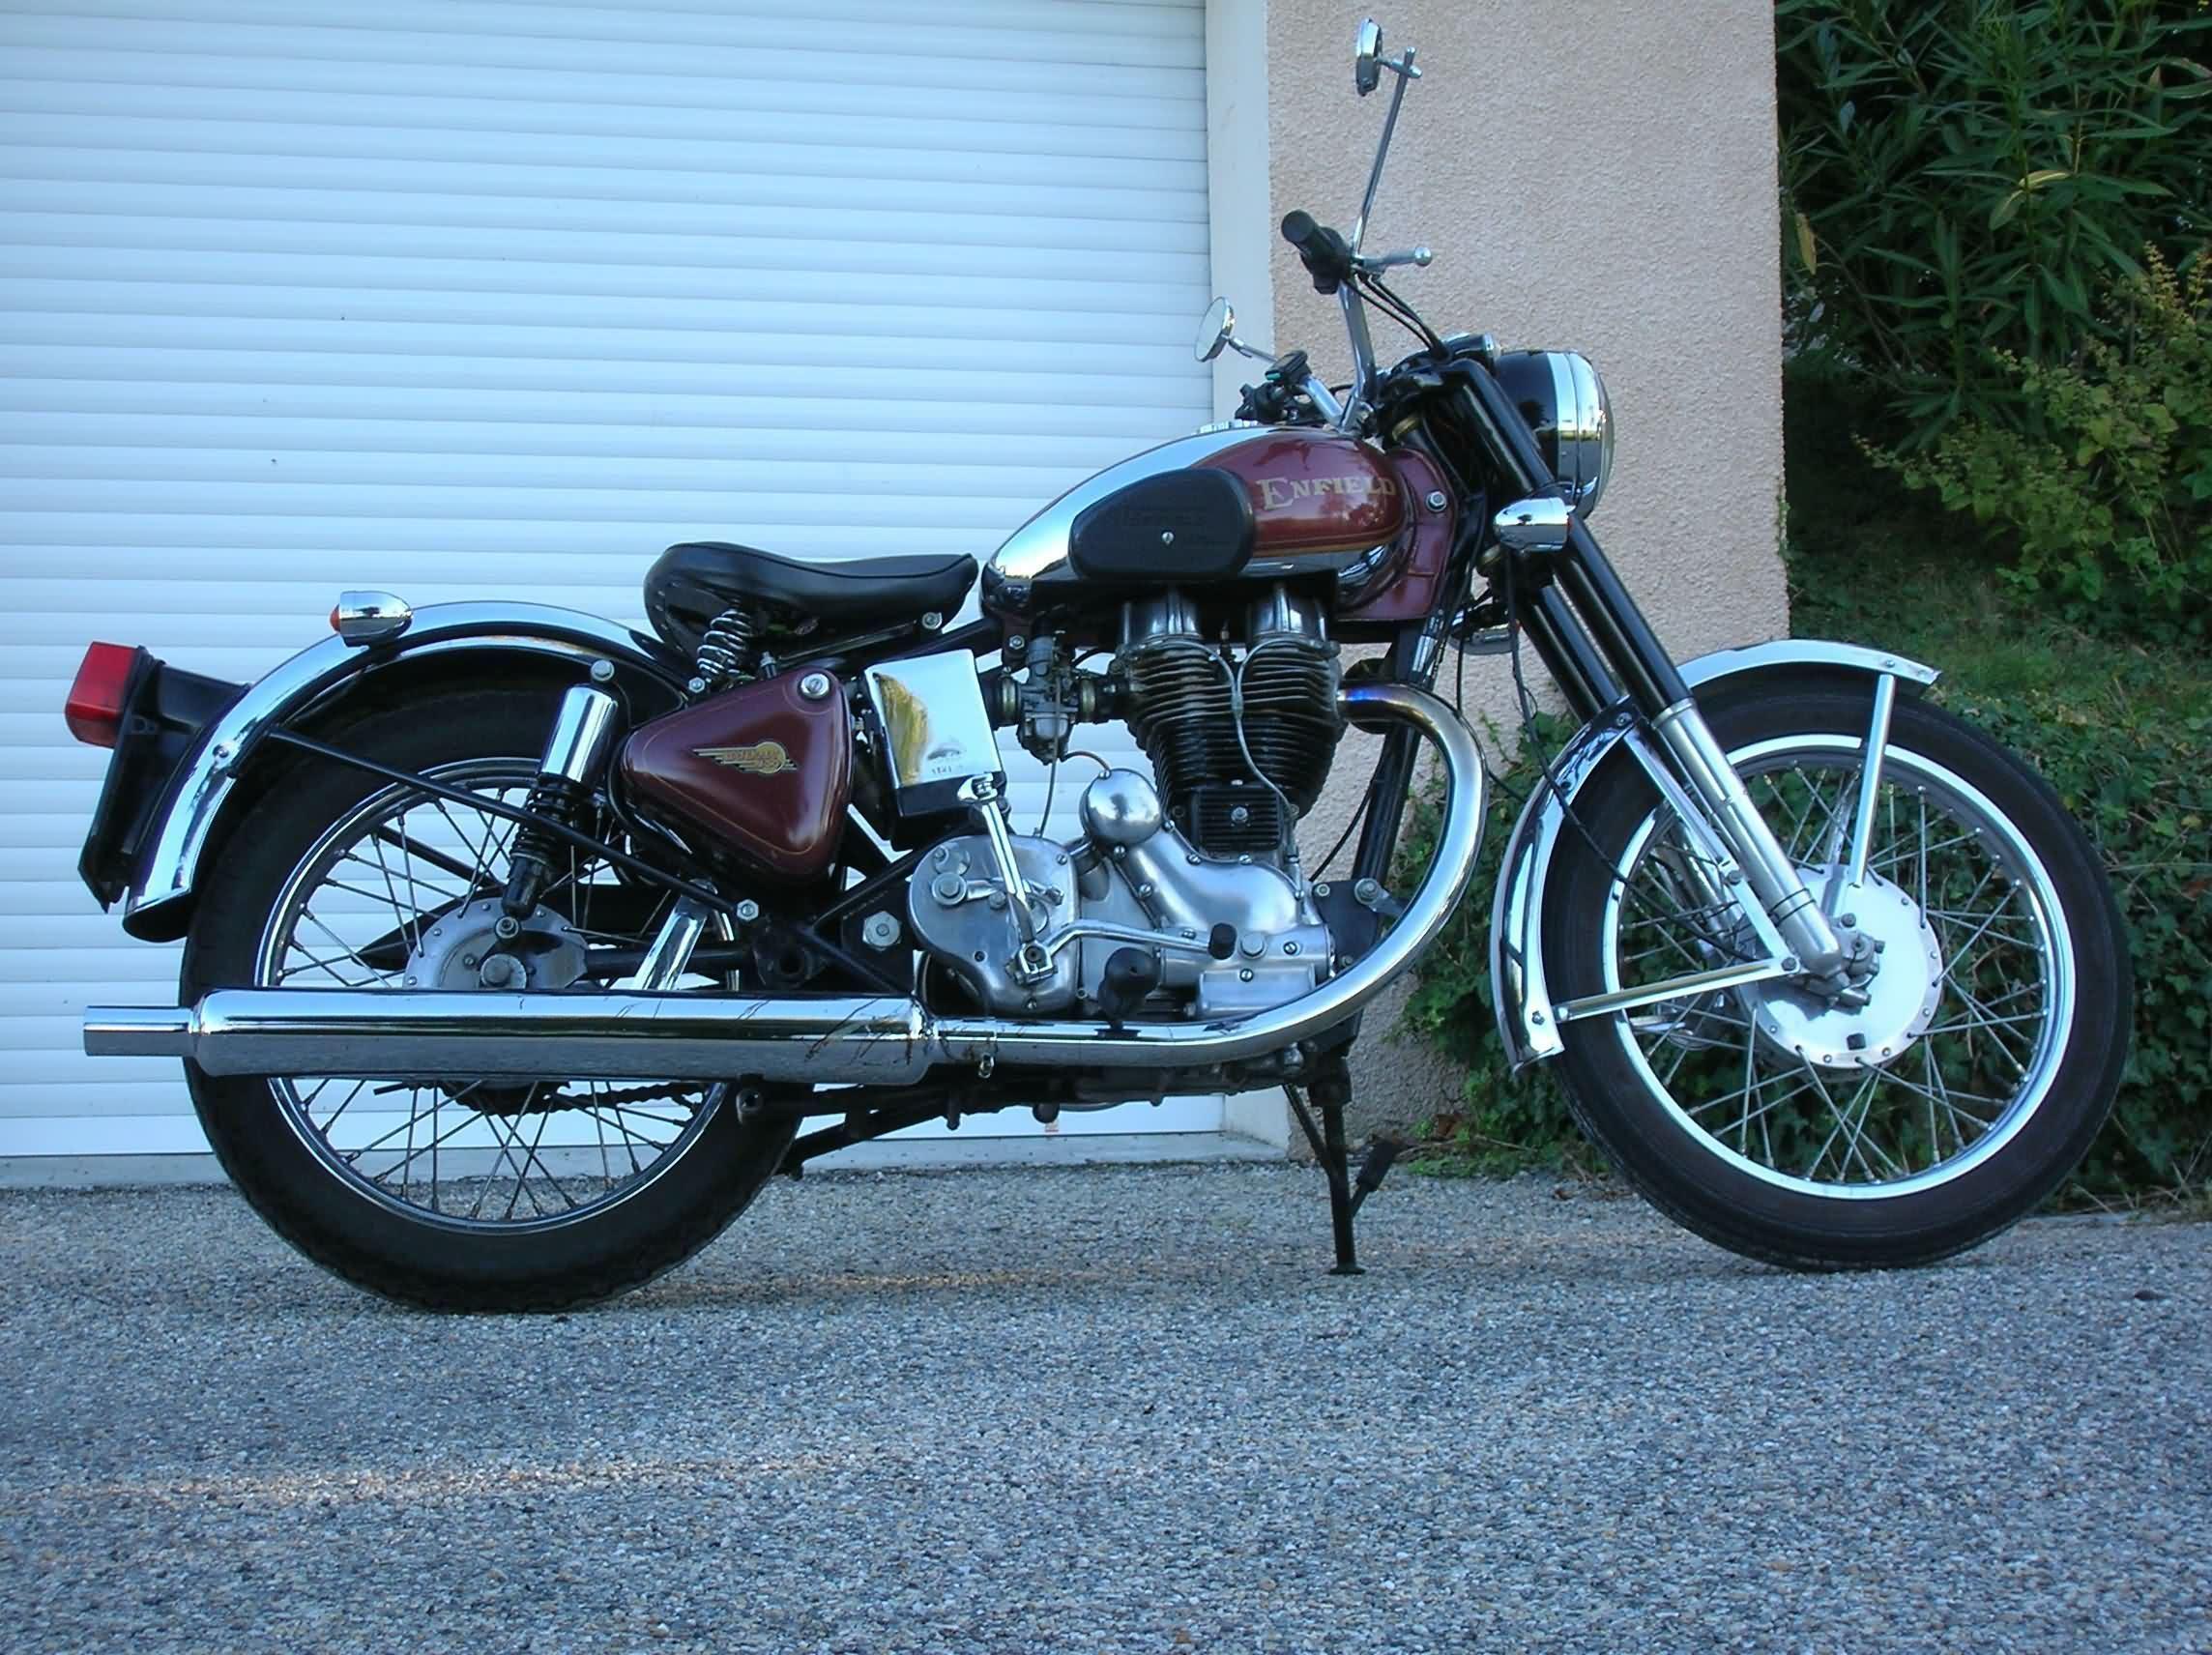 Royal enfield le site la moto de benoit for Royalenfieldlesite